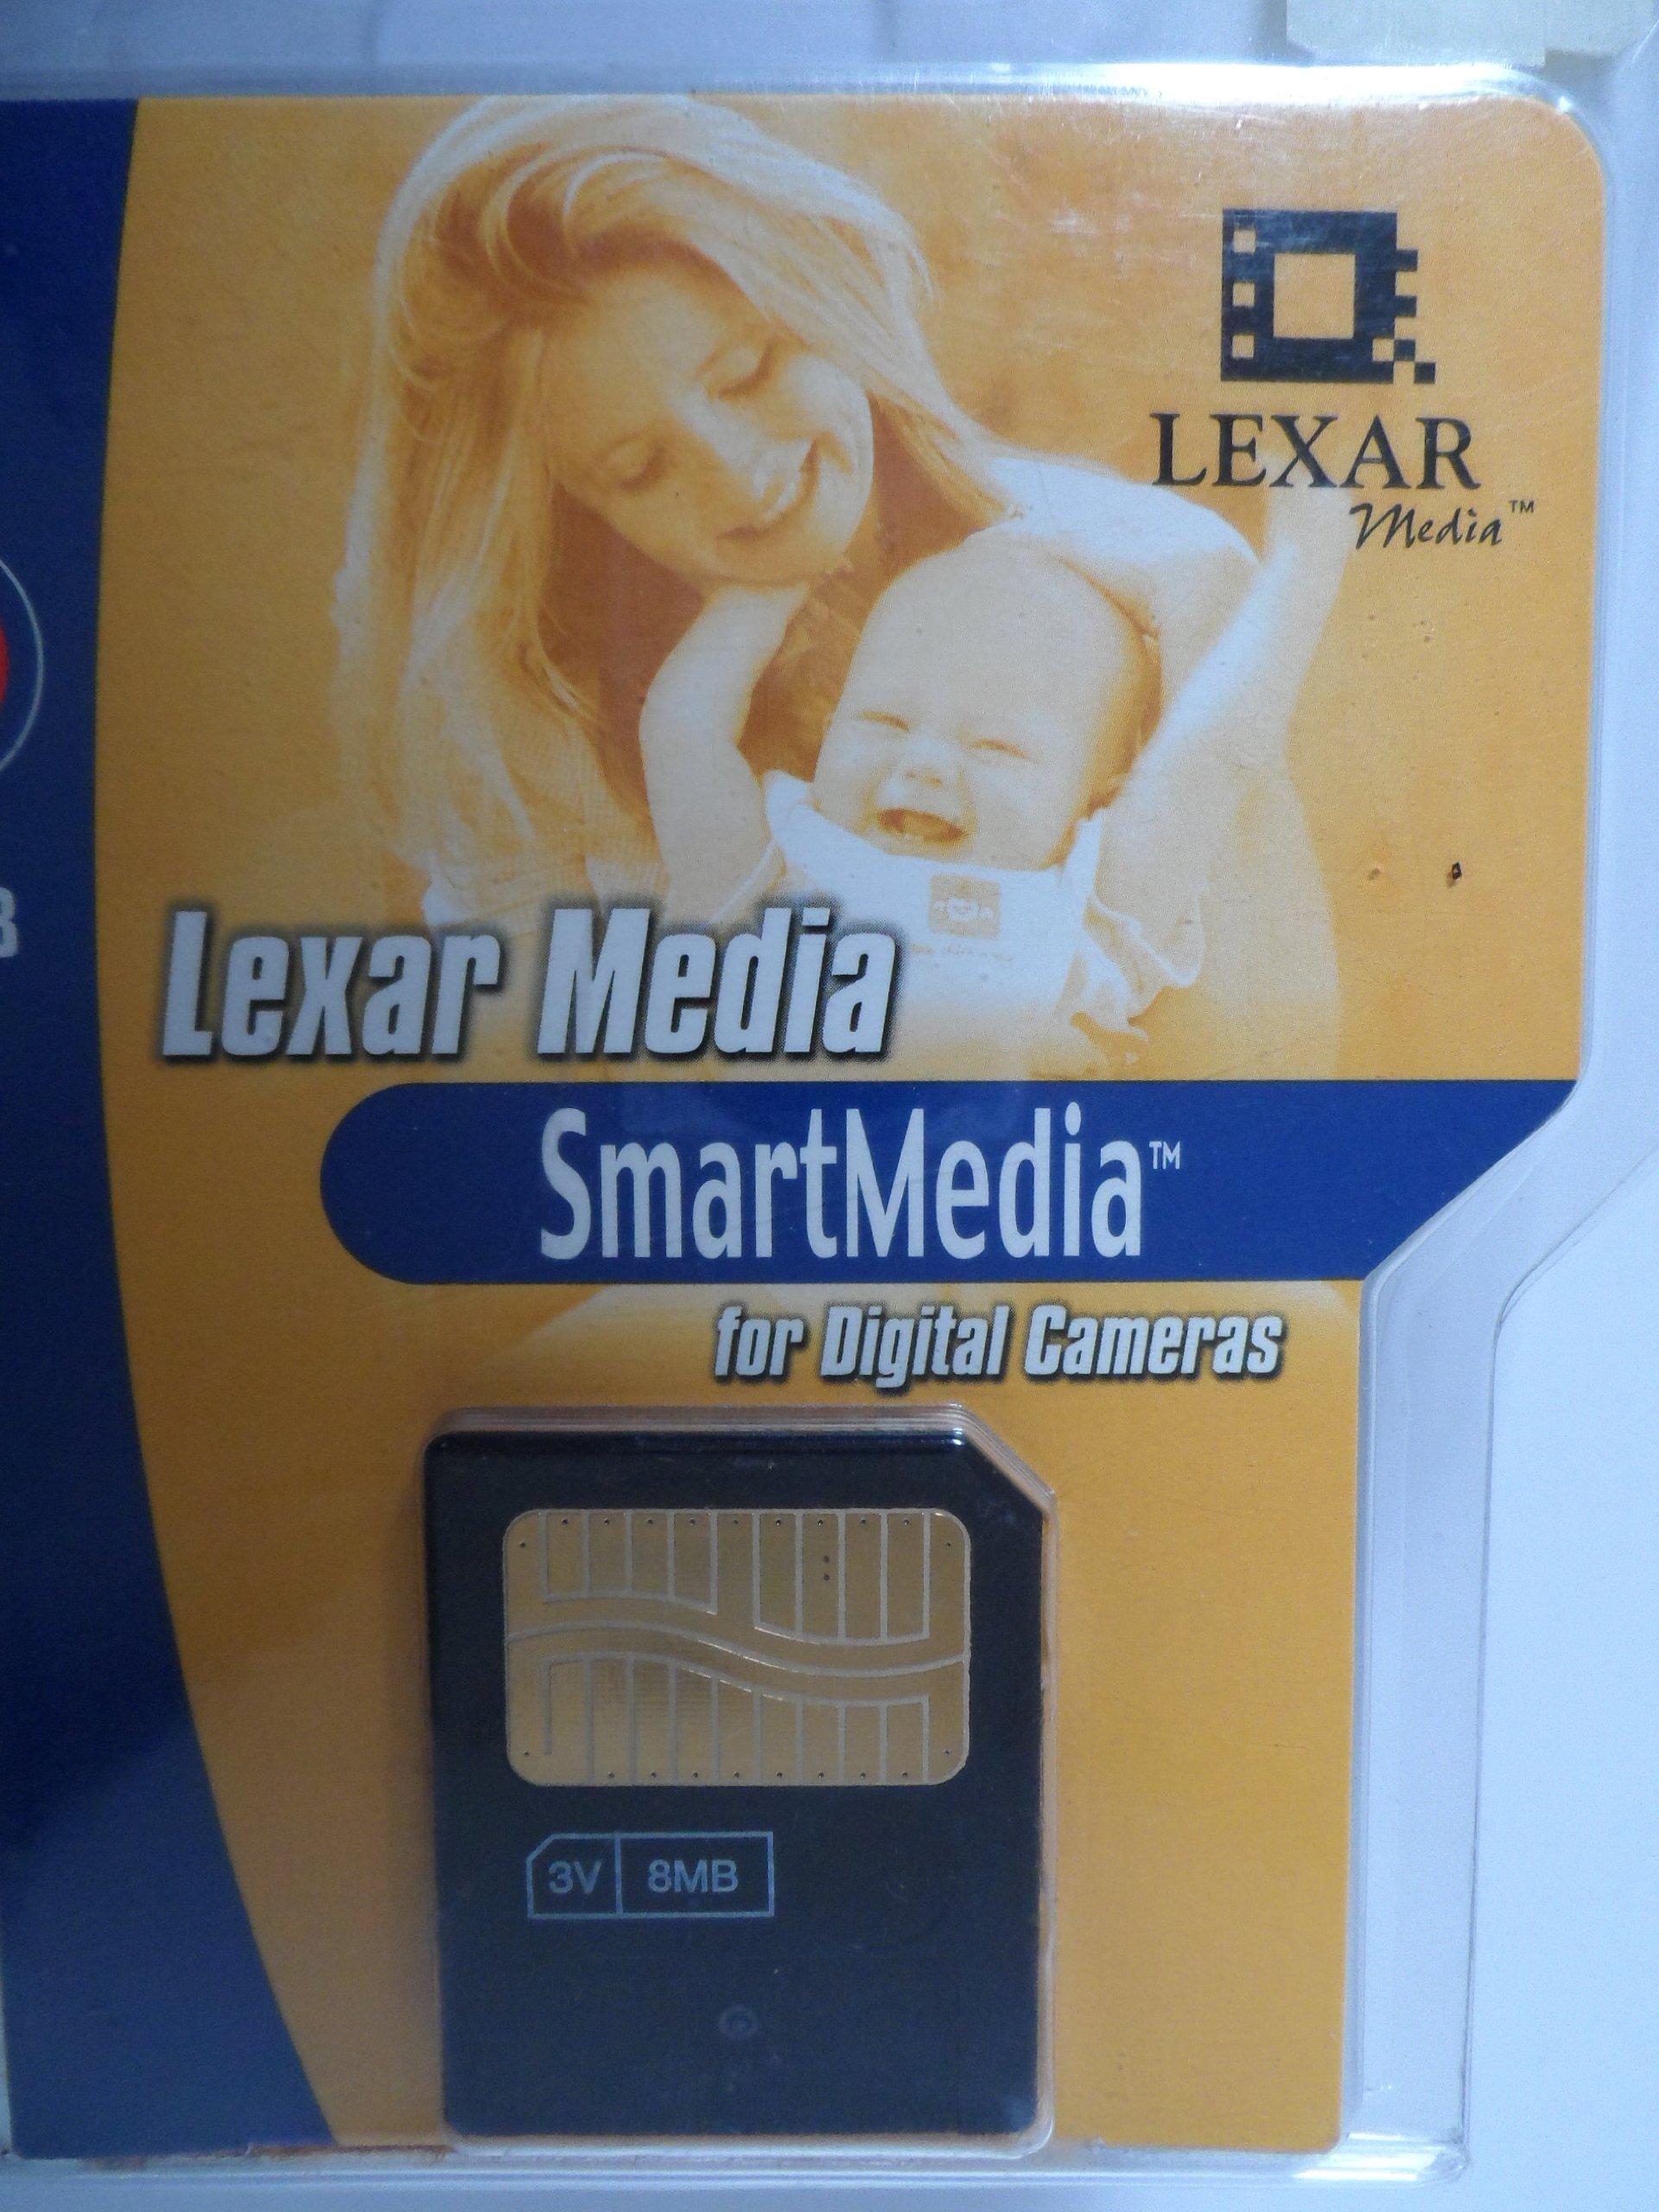 Lexar Media 8MB Smartmedia Digital Film with Clamshell Case by Lexar